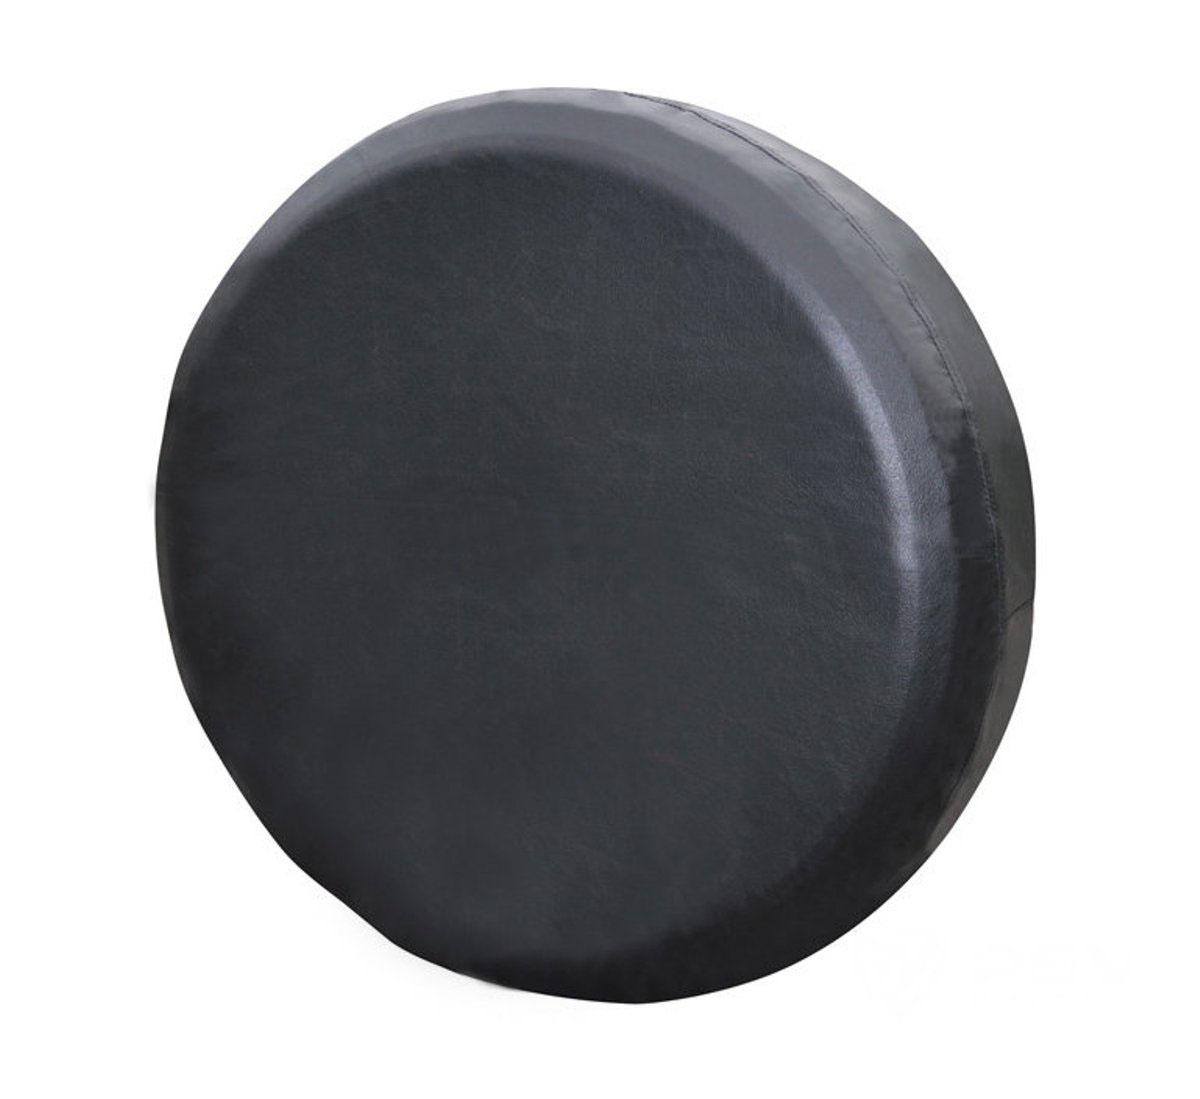 Чехол на запасное колесо Auto Premium, цвет: черный. Размер S (64-69 см)77202Чехол на запасное колесо автомобиля Auto Premium, выполненный из высококачественной экокожи, прекрасно охранит запаску от негативного влияния погодных условий: пыль грязь, дождь. При этом чехол он не потрескается на морозе. Крепится с помощью шнурка.Диаметр колеса: 64-69 см.